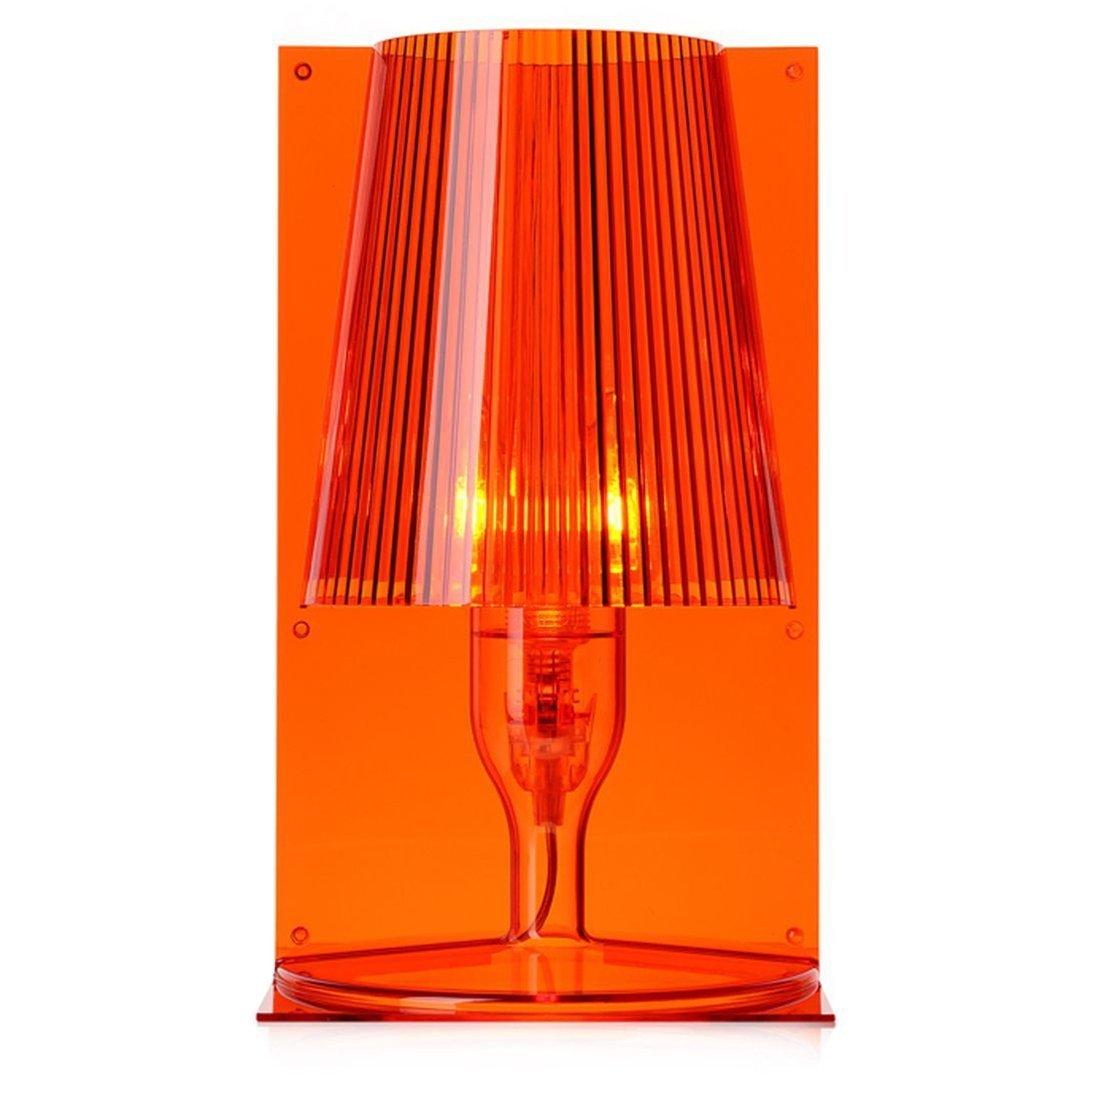 Kartell Take Tafellamp - Oranje